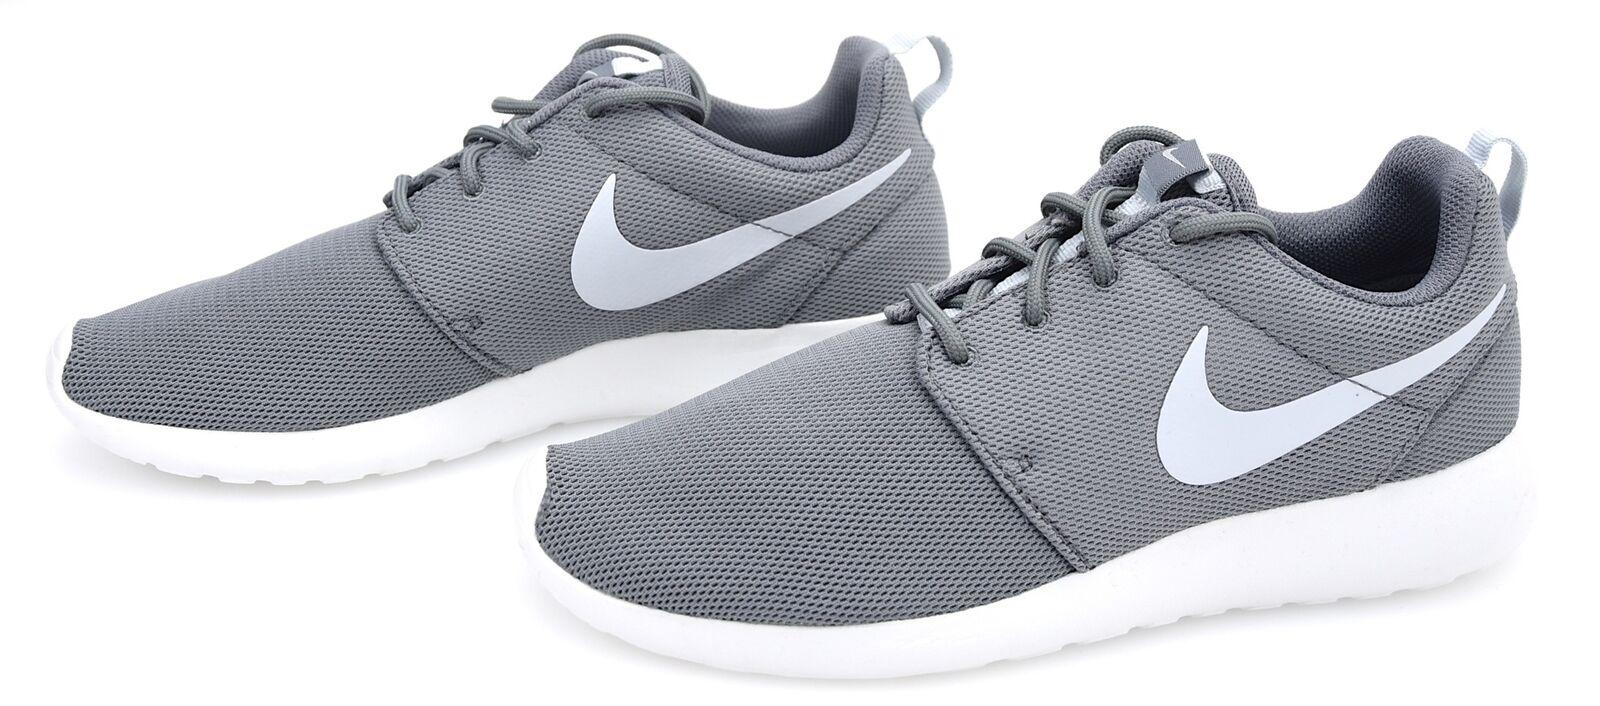 Nike Zapatillas de deporte señora zapatos casual zapatillas sintético 844994 W W 844994 nike roshe One 30ca6b